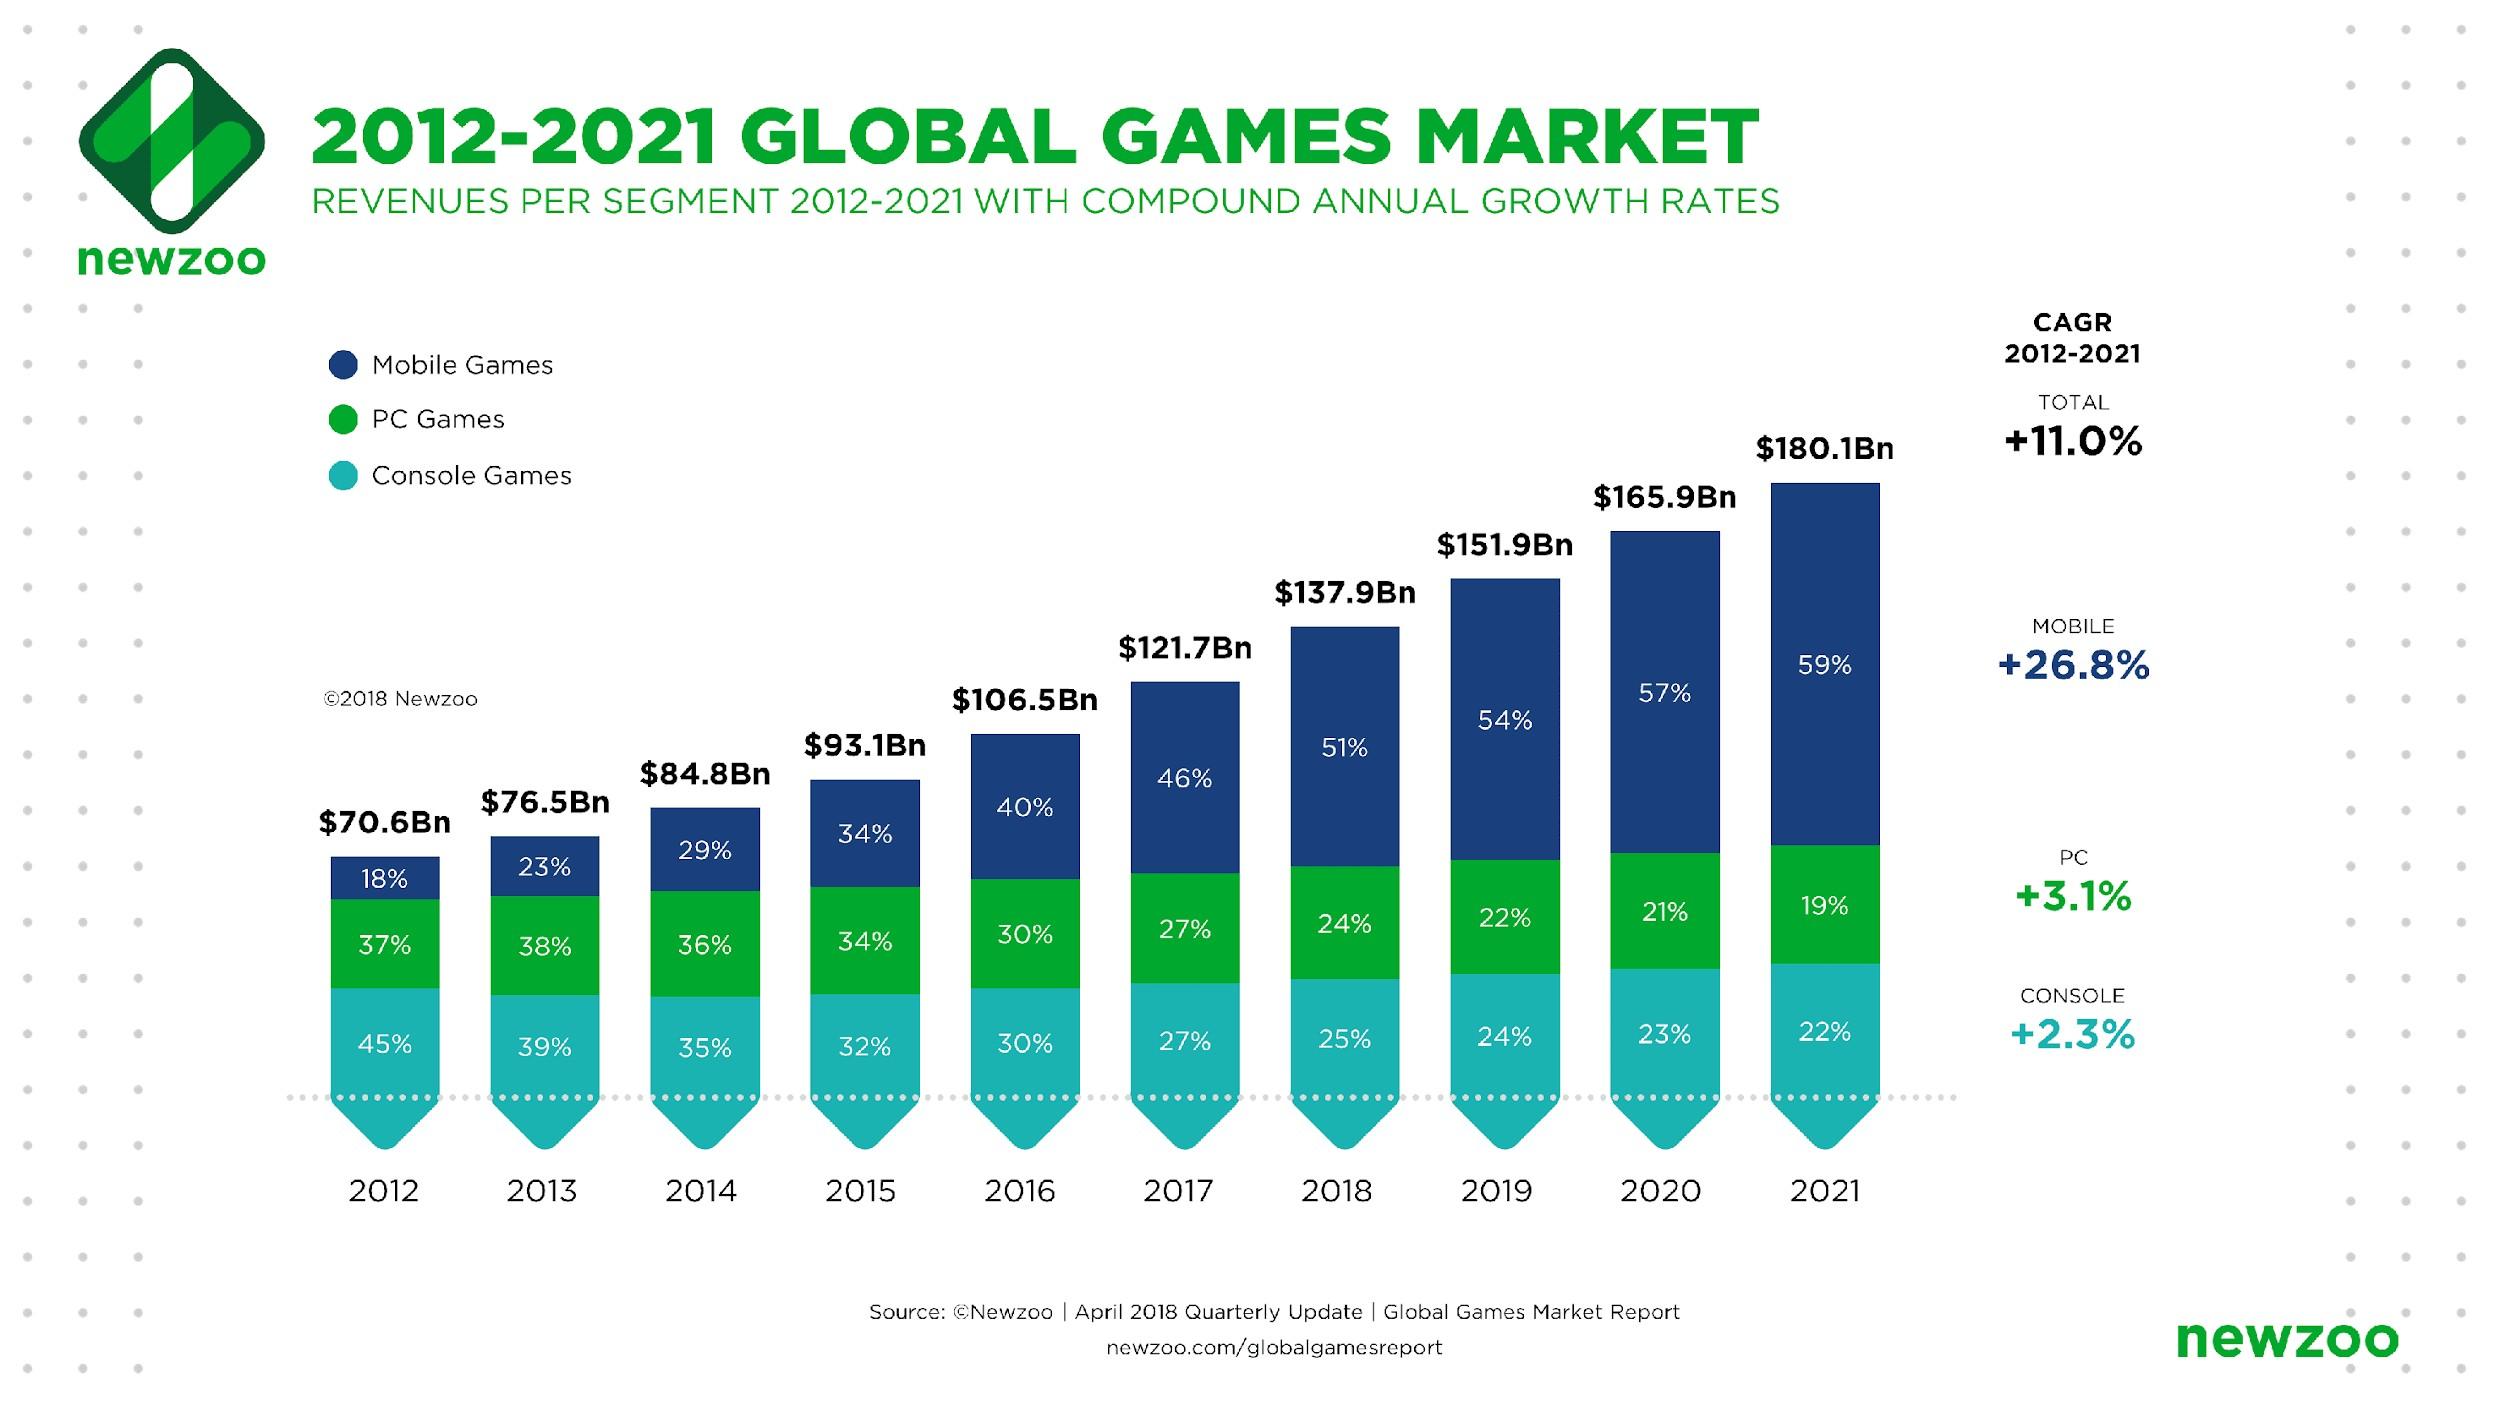 Global Games Market